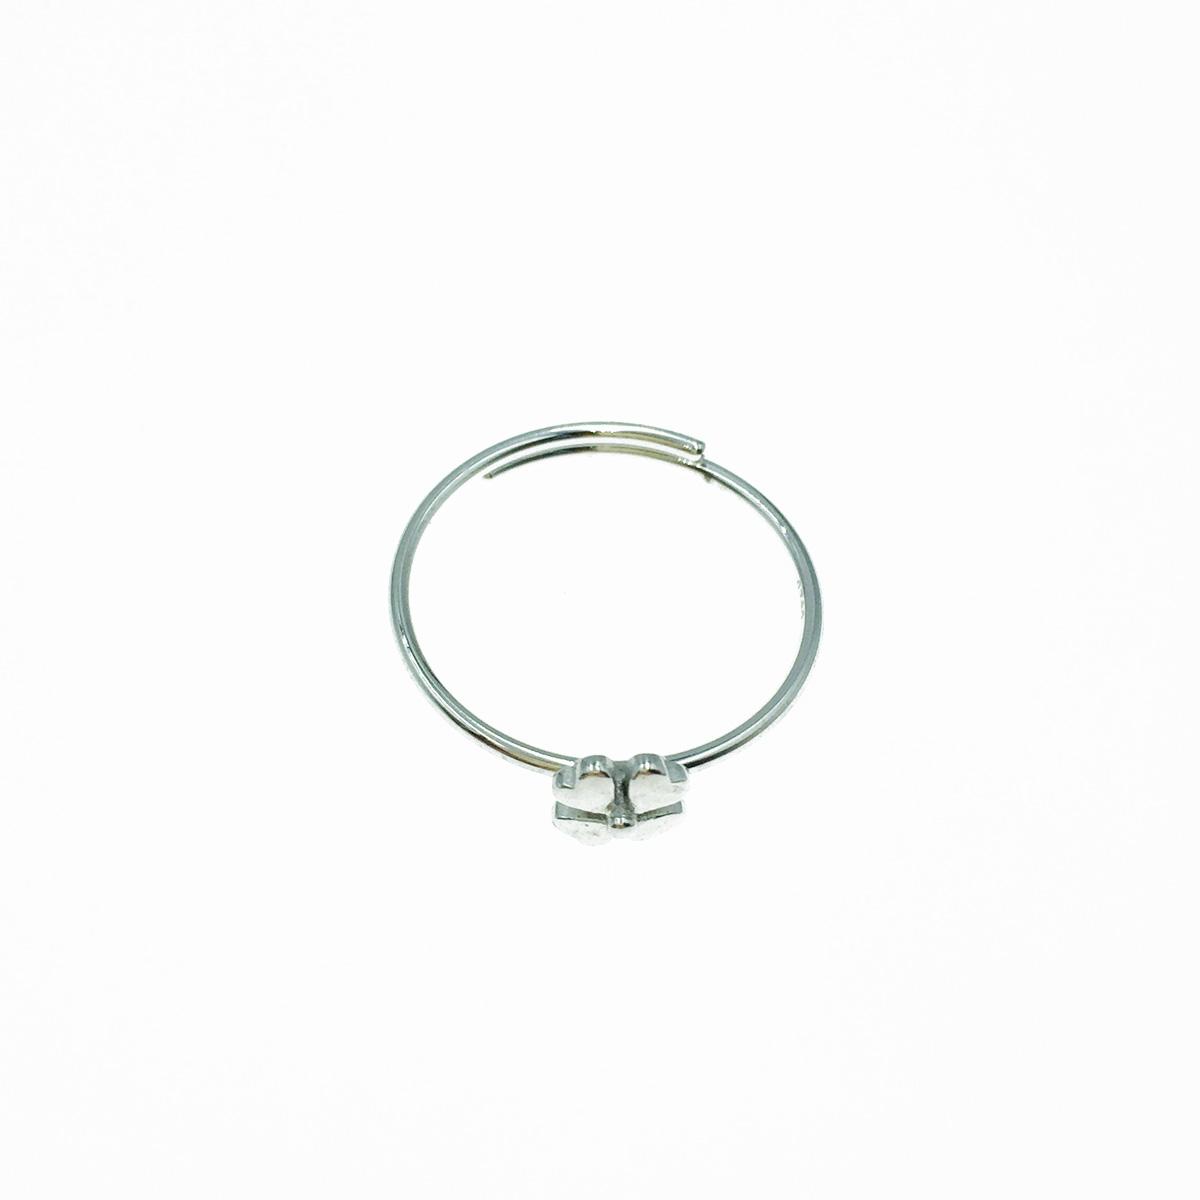 韓國 925純銀 幸運草 可調式 戒指